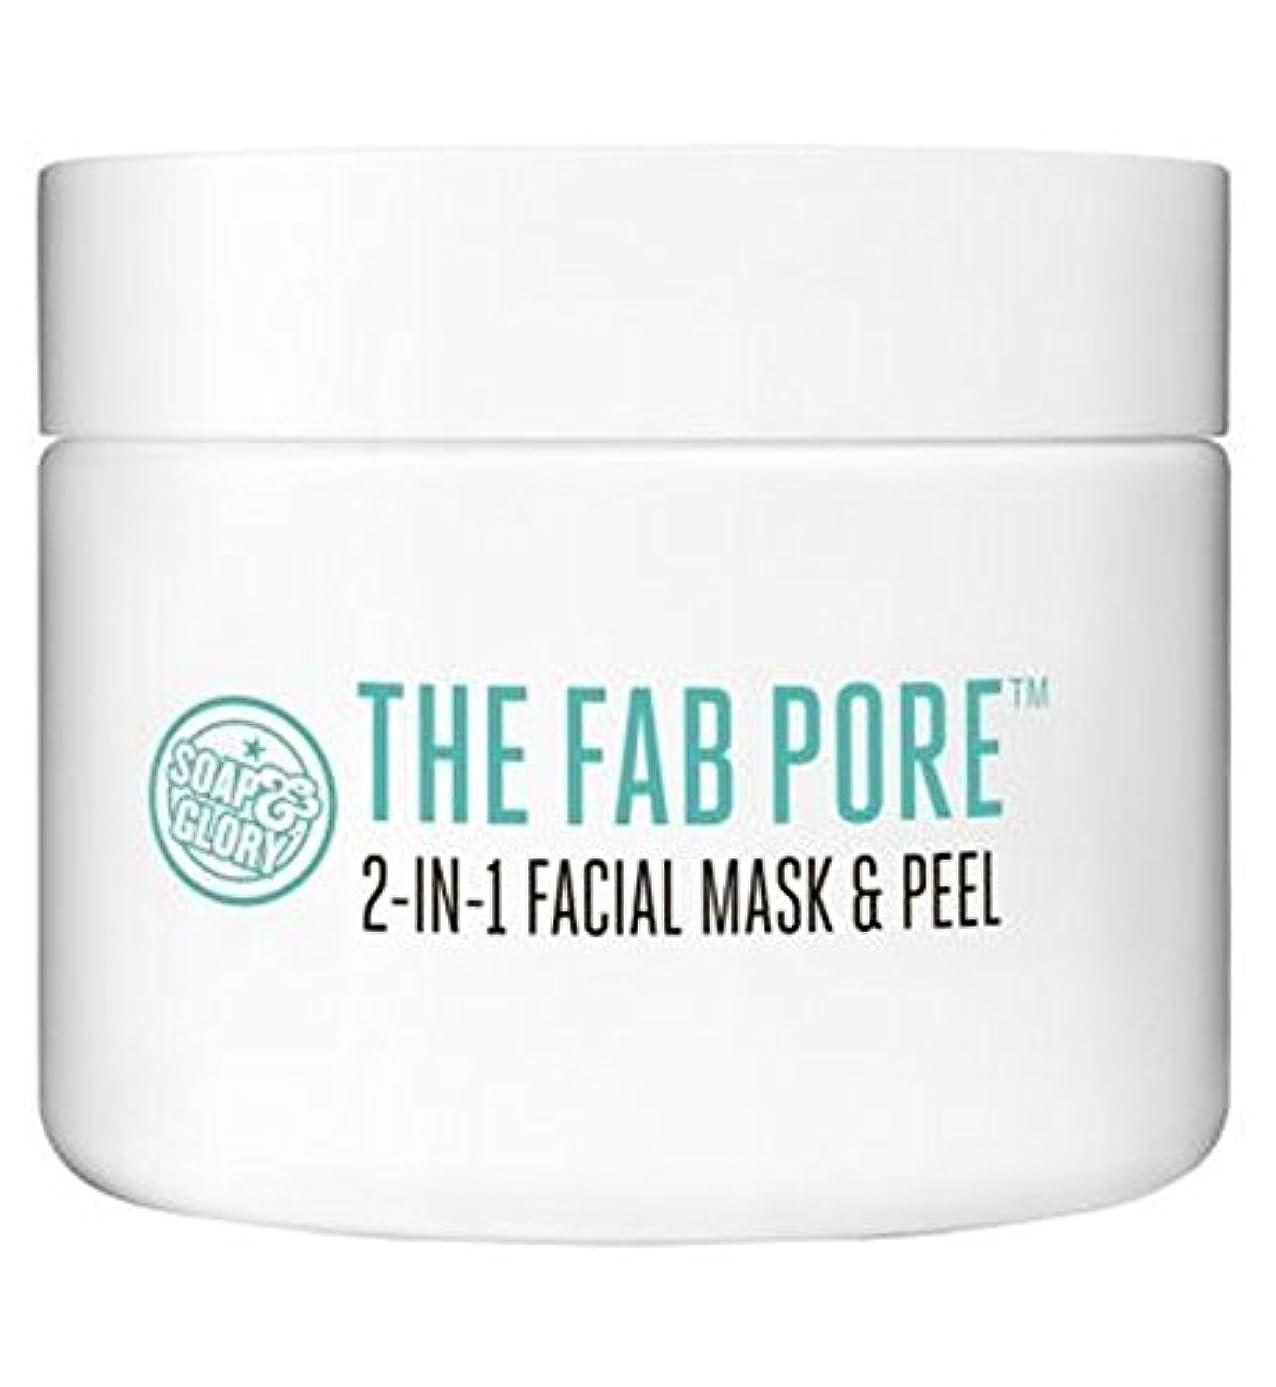 出席する管理します整理するファブ細孔?2イン1顔の細孔浄化マスク&ピール?石鹸&栄光 (Soap & Glory) (x2) - Soap & Glory? Fab Pore? 2-in-1 Facial Pore Purifying Mask...